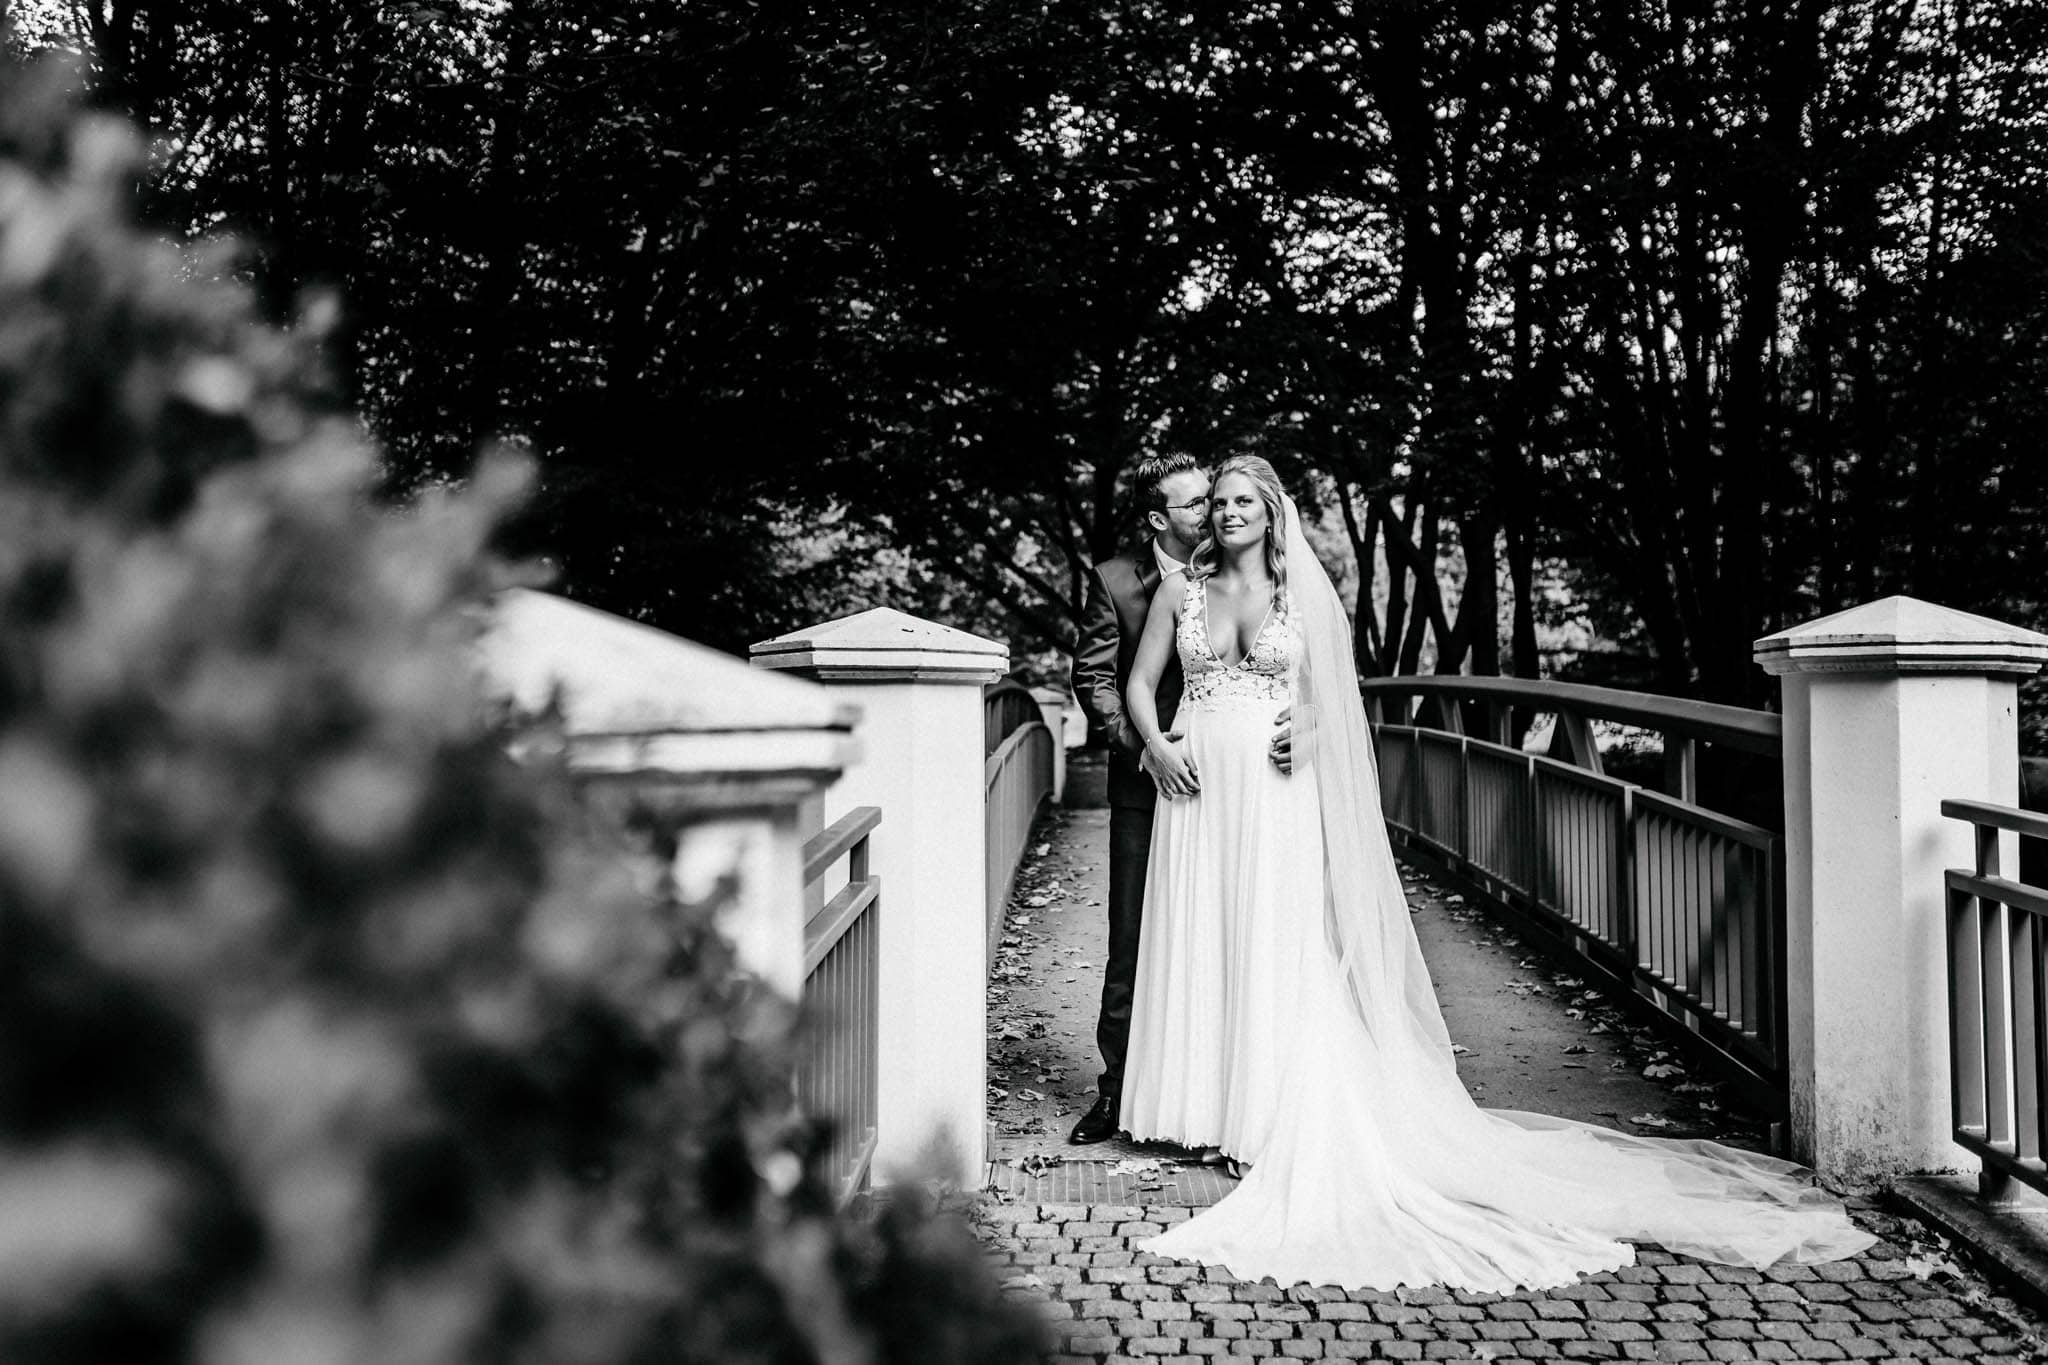 Hochzeitsfieber by Photo-Schomburg, Hochzeitsfotograf, Hamburg, Bremen, Hochzeitstag, Hochzeitspaar, Braut, Bräutigam, Bremen-Kränholm,Knoops Park-142